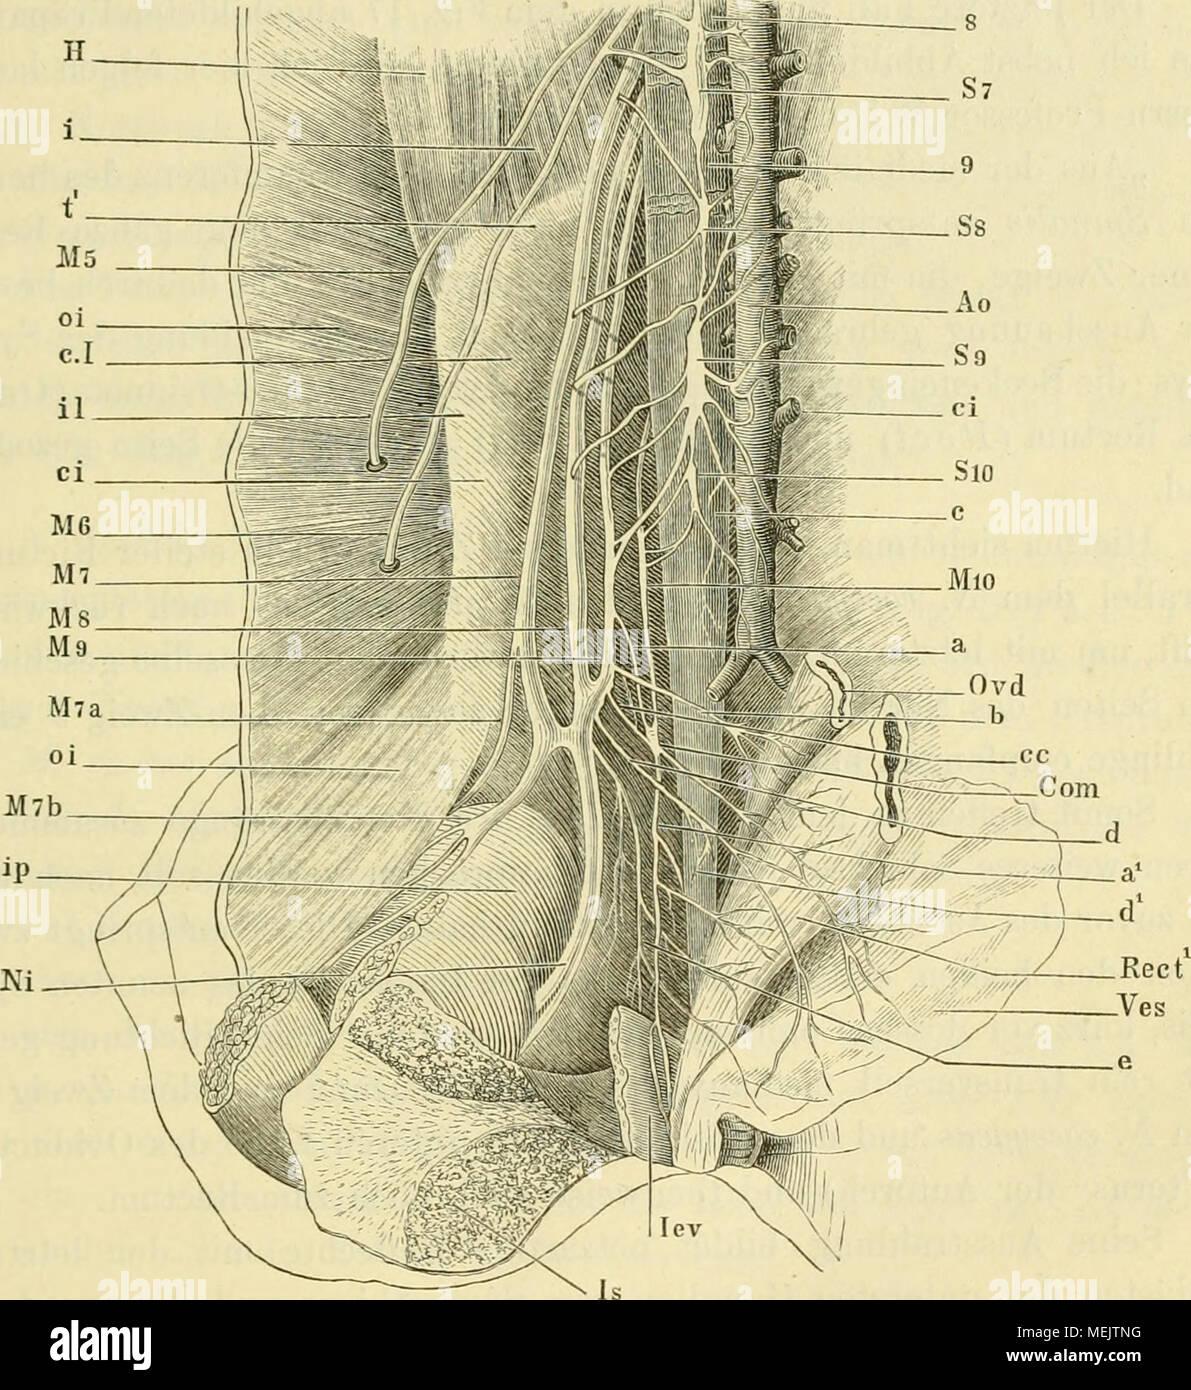 Groß Kapitel 9 Anatomie Und Physiologie Arbeitsmappe Antworten Ideen ...